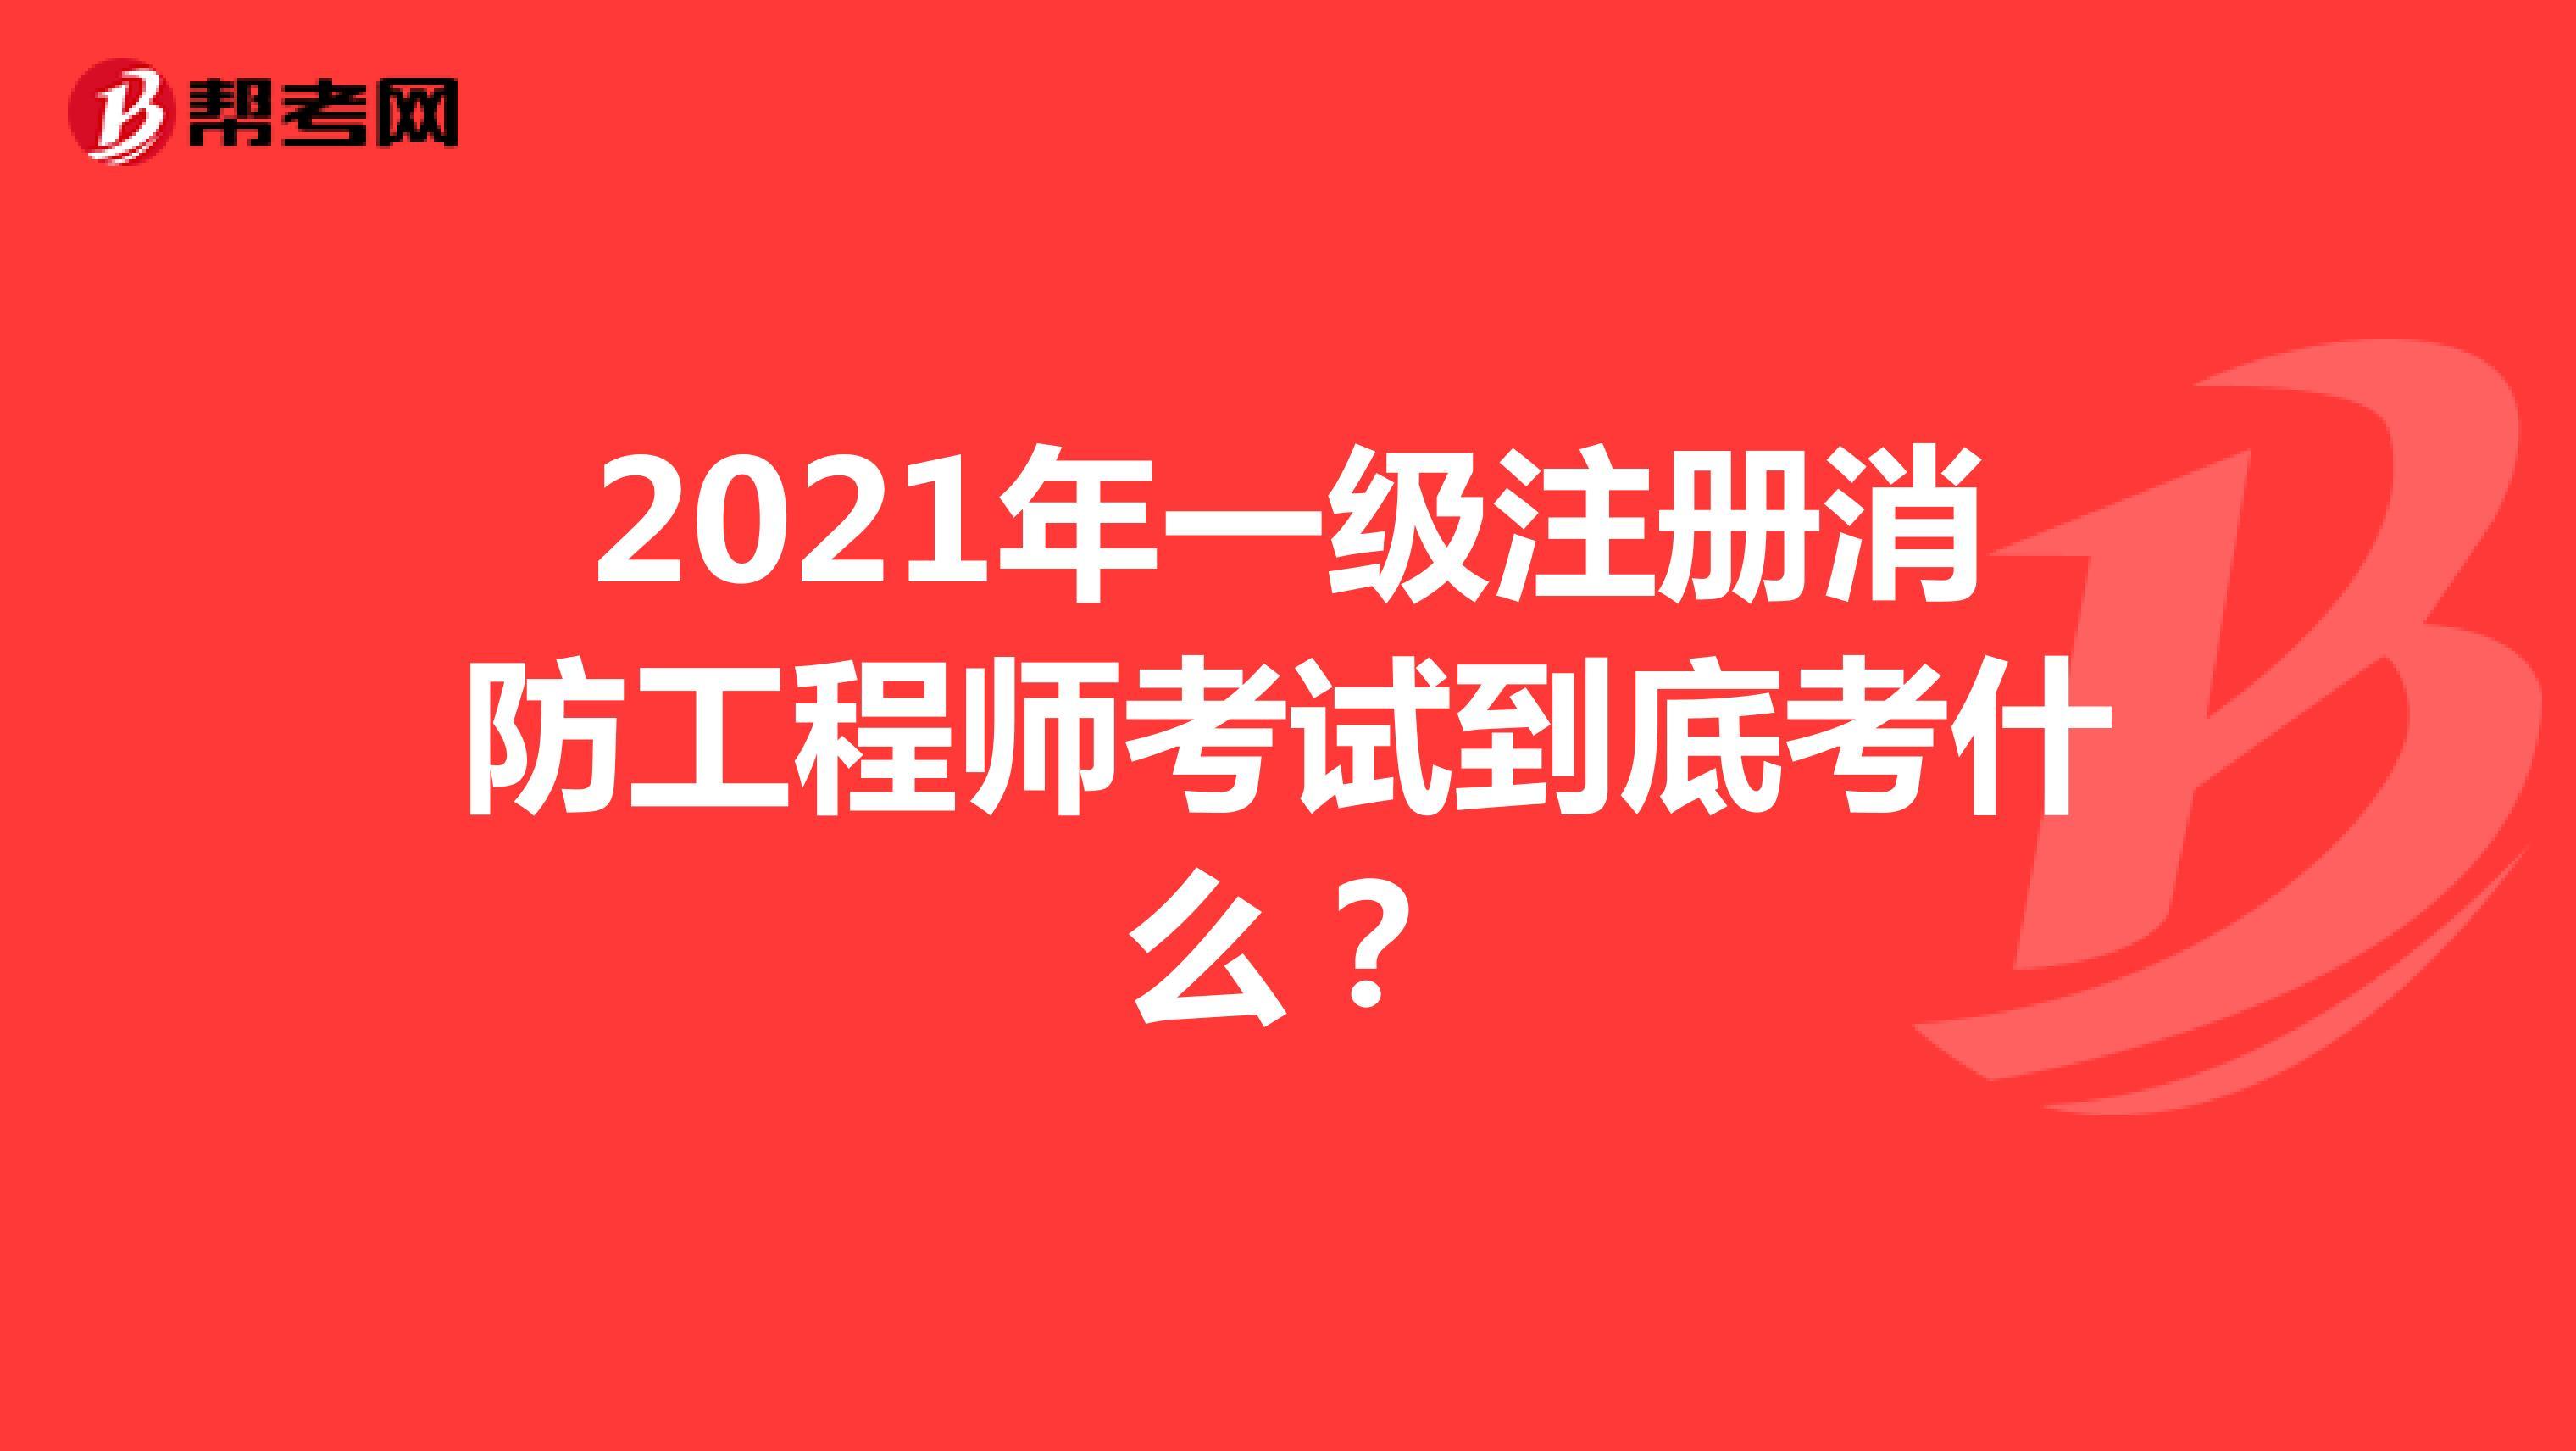 2021年一级注册消防工程师考试到底考什么?